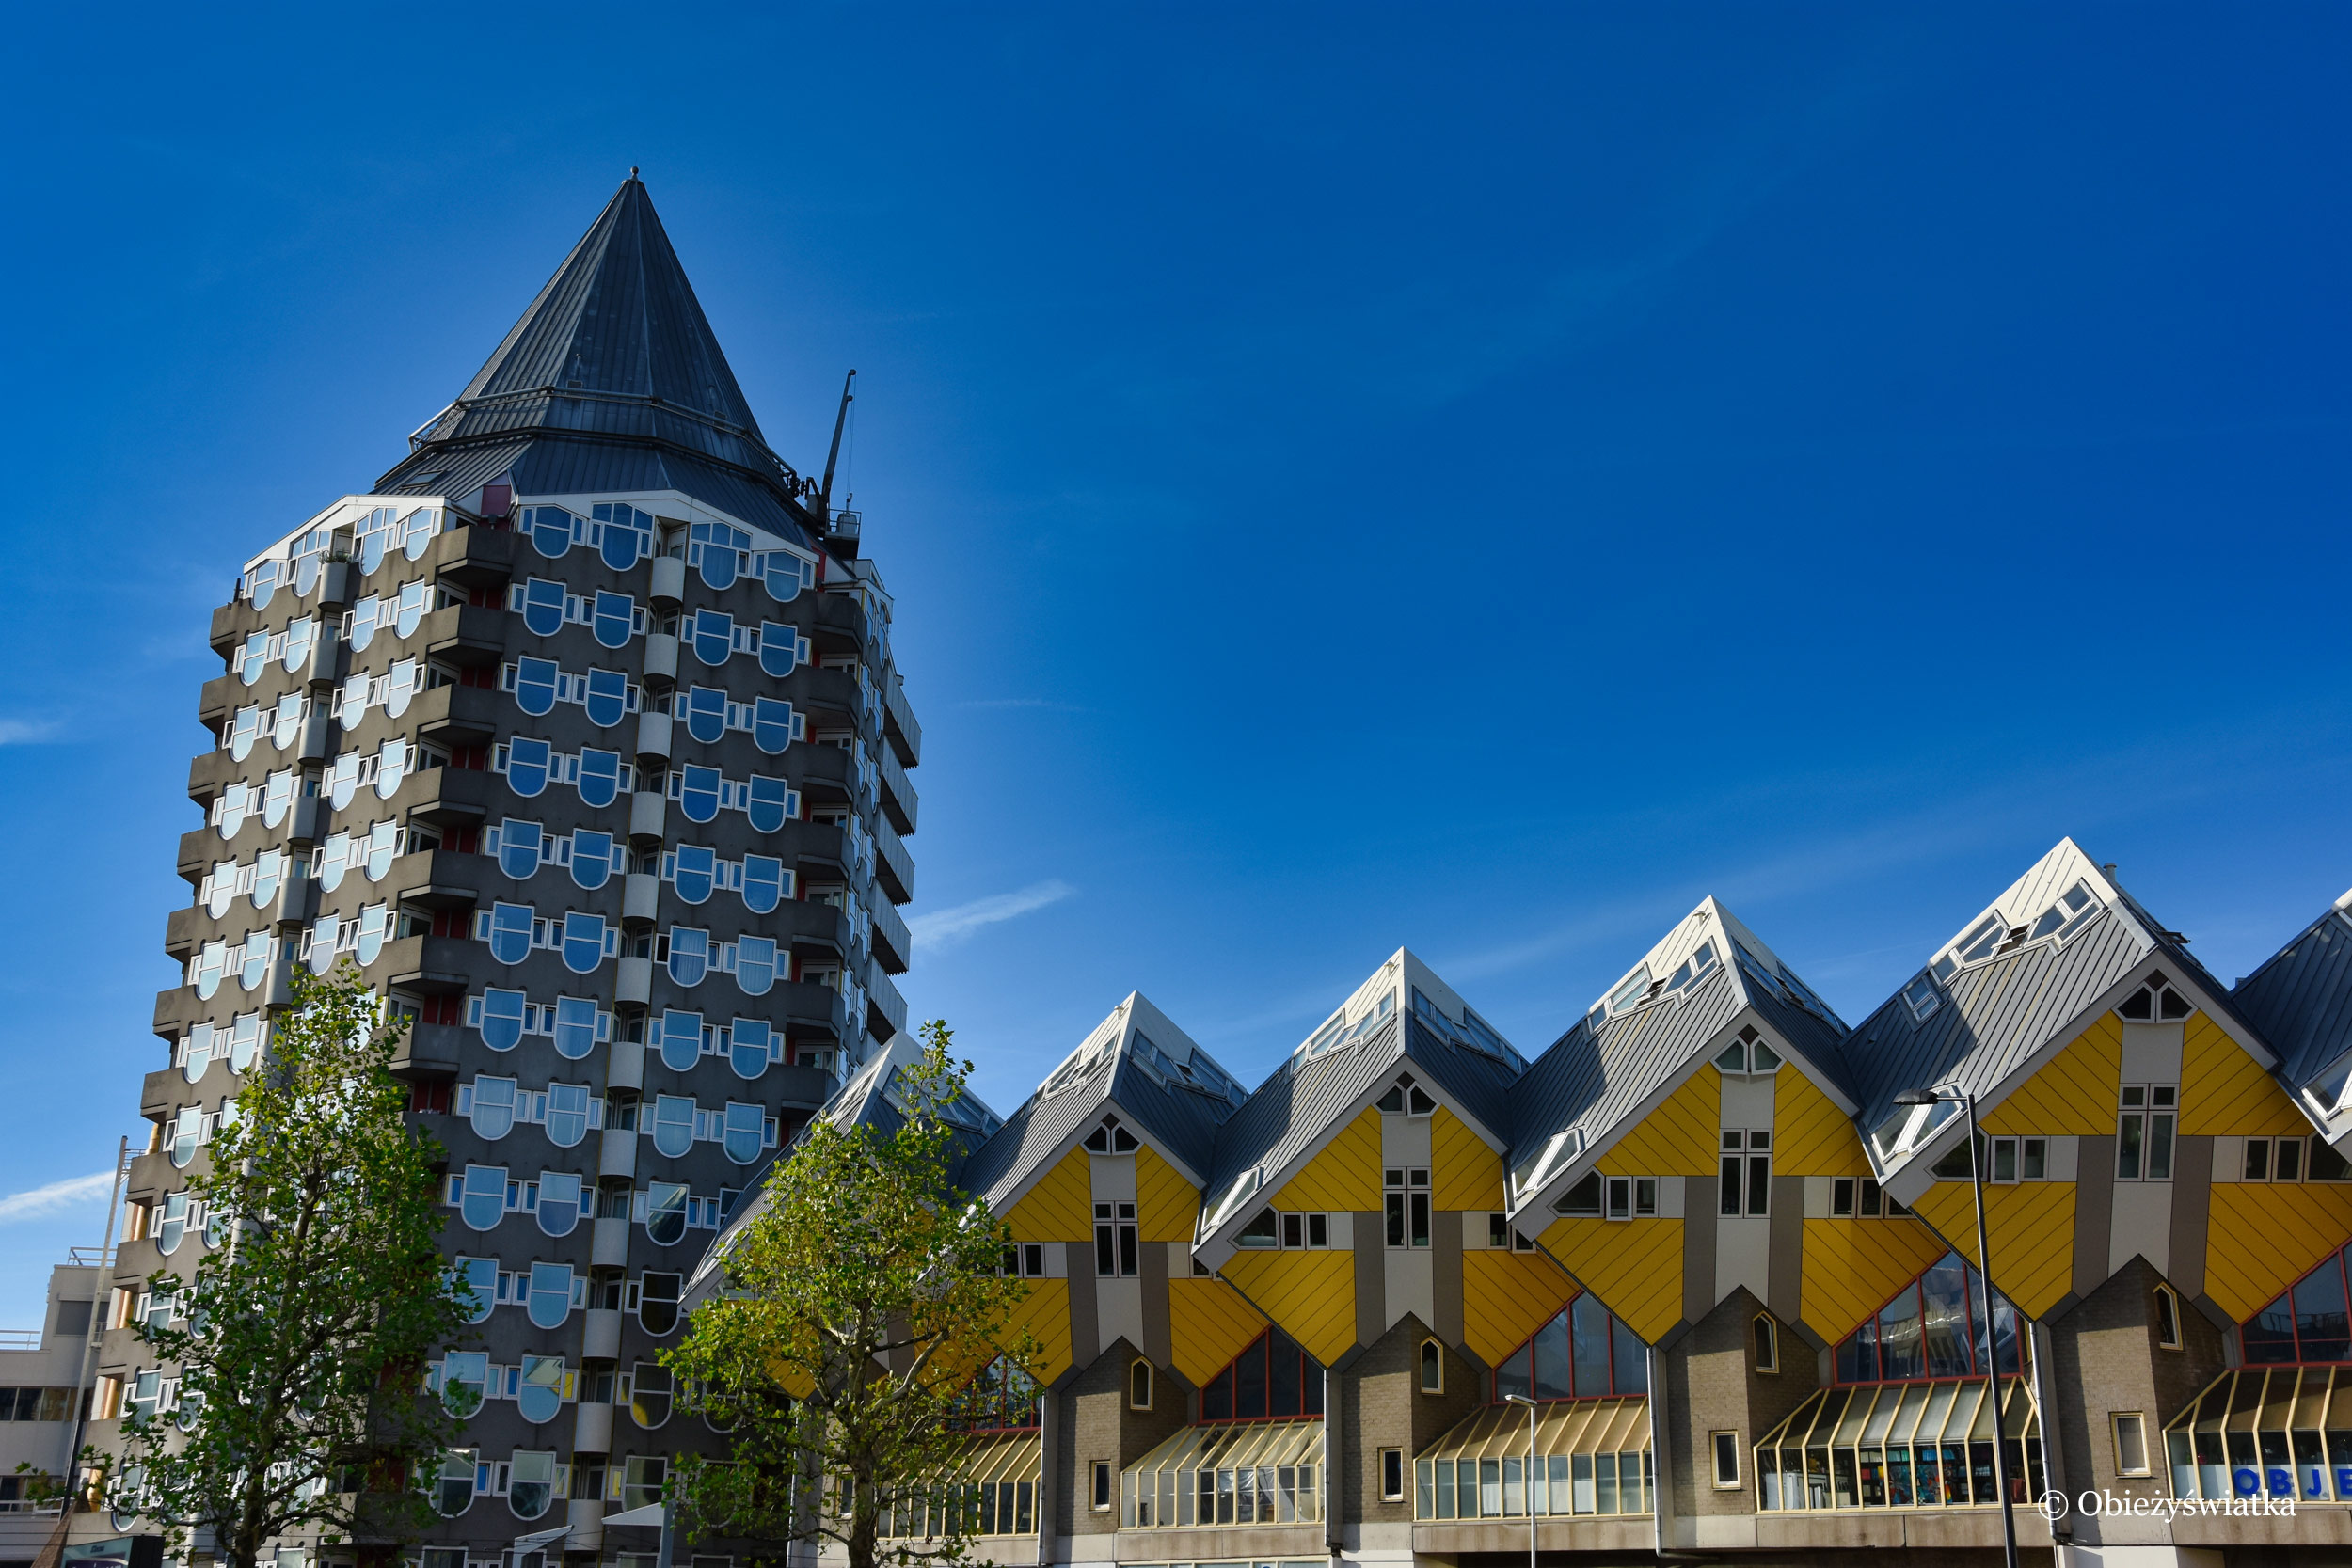 Żółte kostki mieszkalne :) - Rotterdam, Holandia